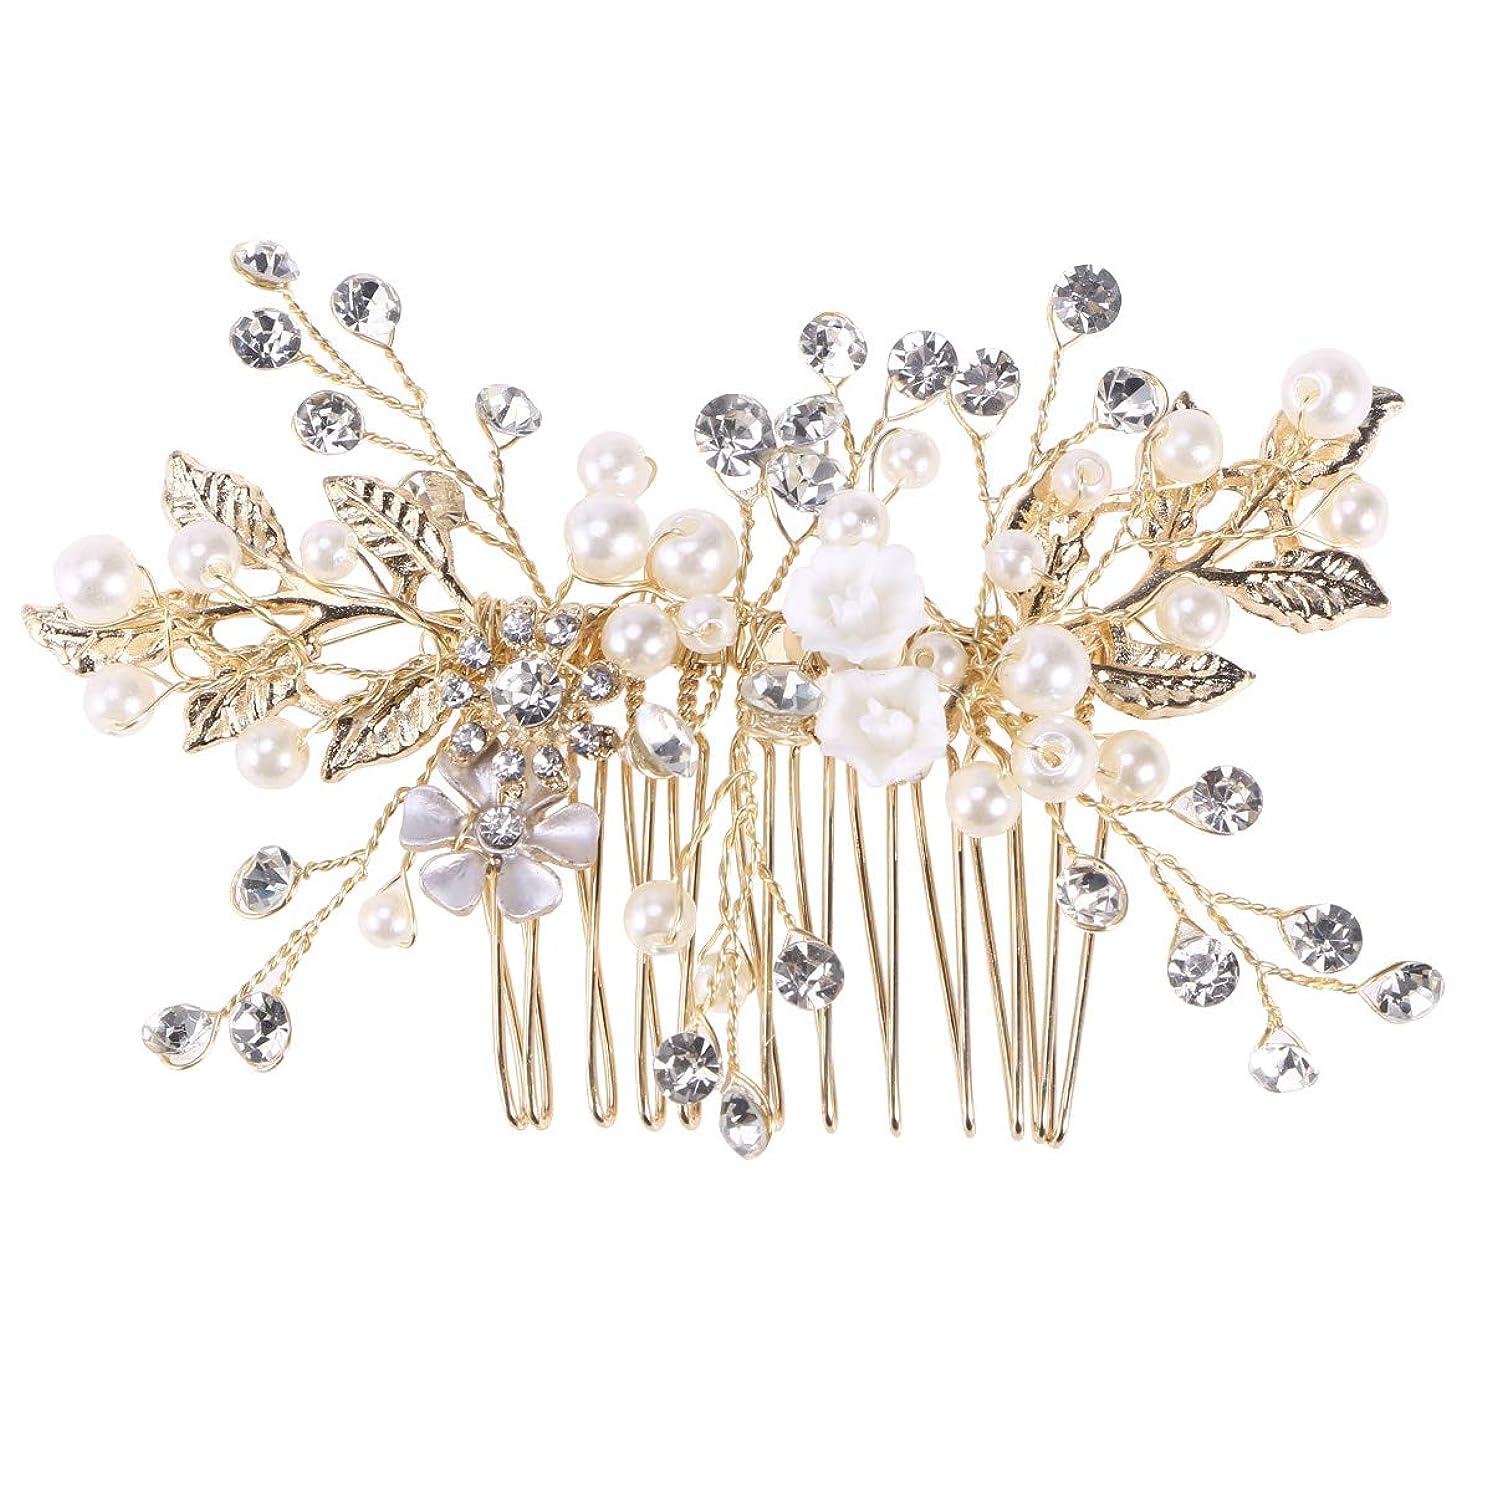 プレミア可動式同封するLURROSE 結婚式の髪の櫛真珠の結晶頭飾りの合金女性のための女性の花嫁介添人の髪飾り(ゴールデン)